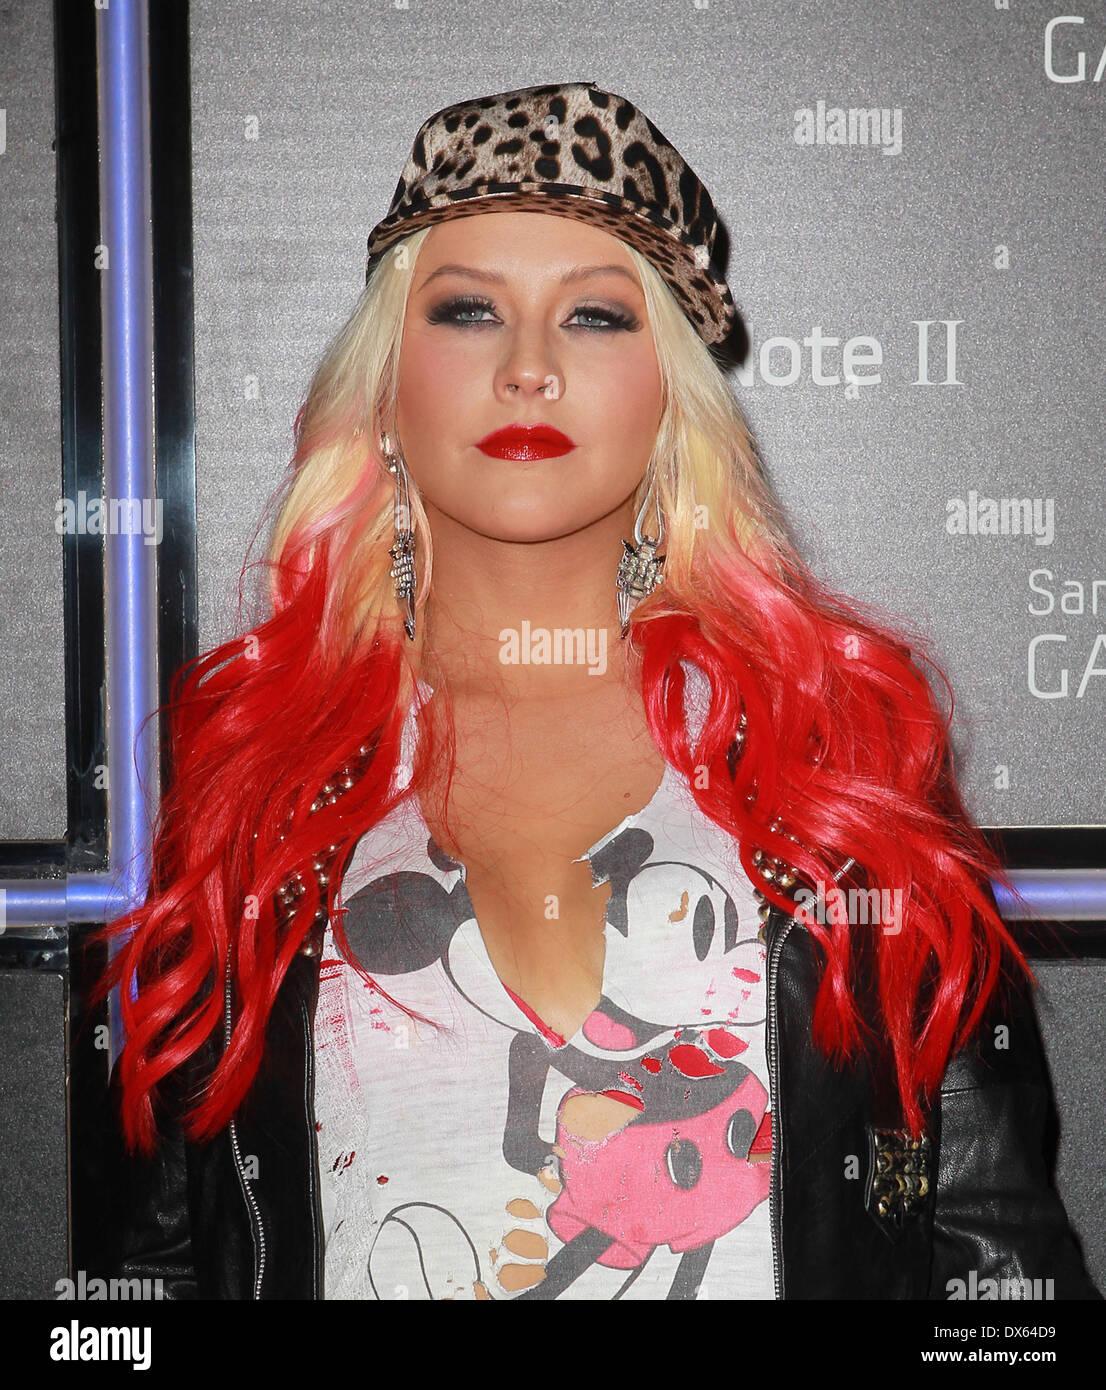 Watch 25. Christina Aguilera video